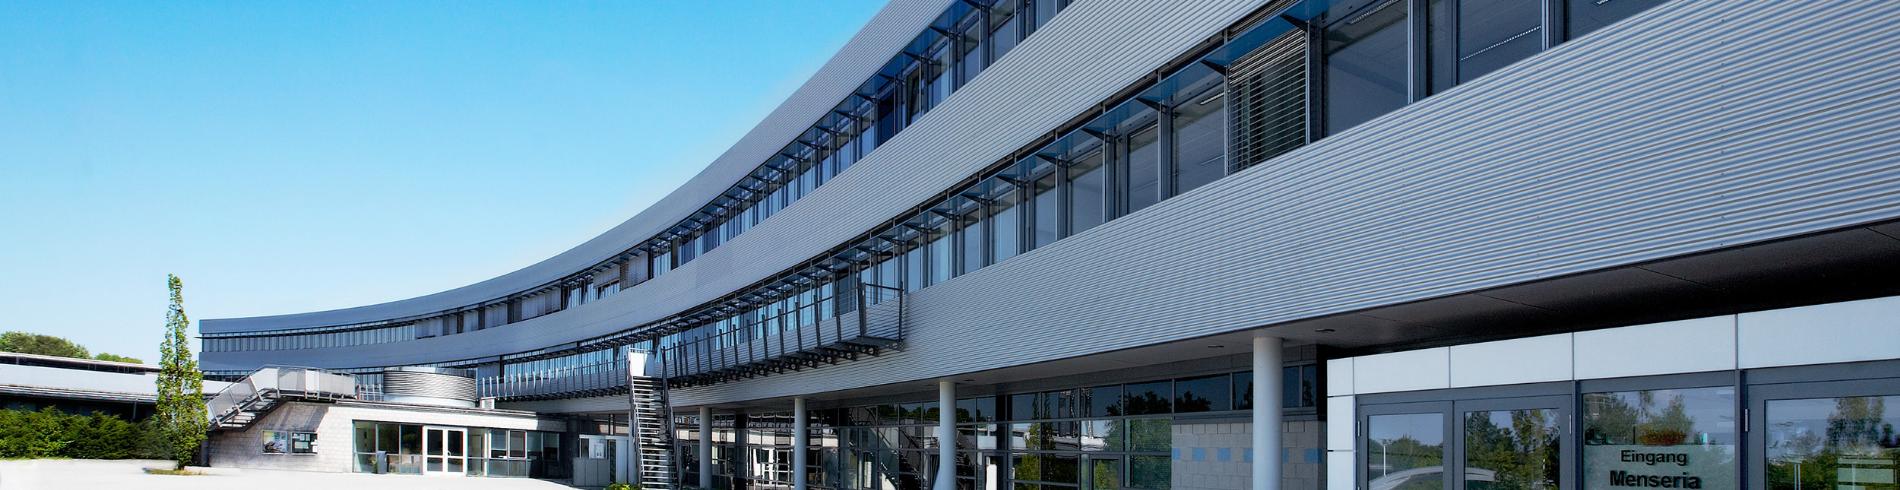 Pressebilder und Pressetexteder Hochschule Koblenz cover image